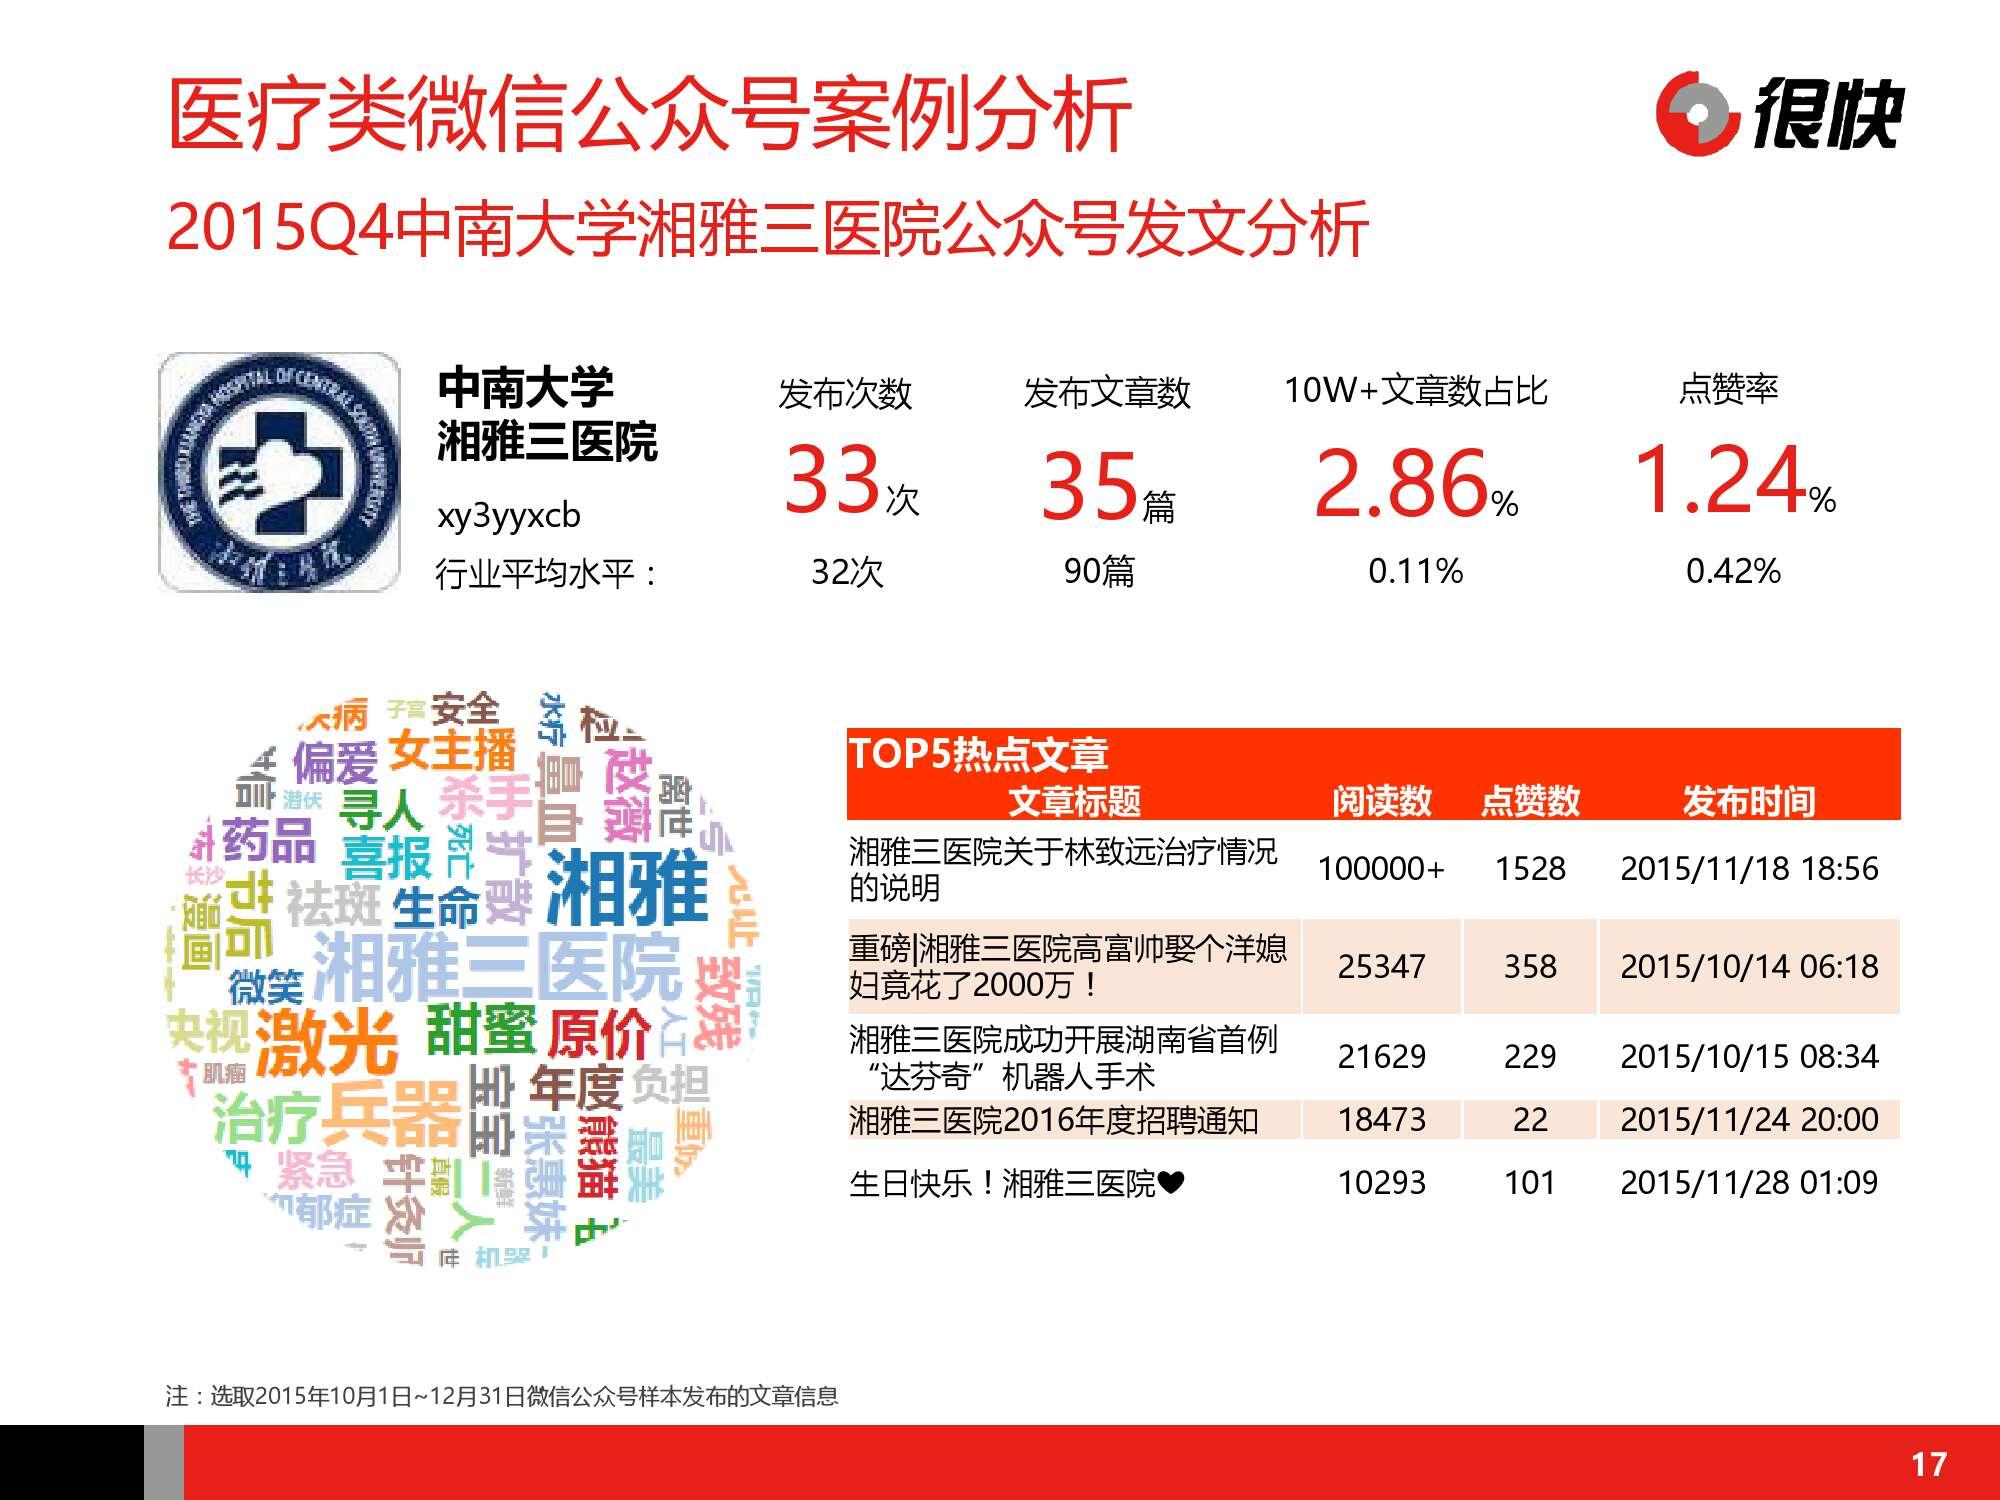 Henkuai-中国医疗健康行业公众号数据洞察报告-20160115_000017